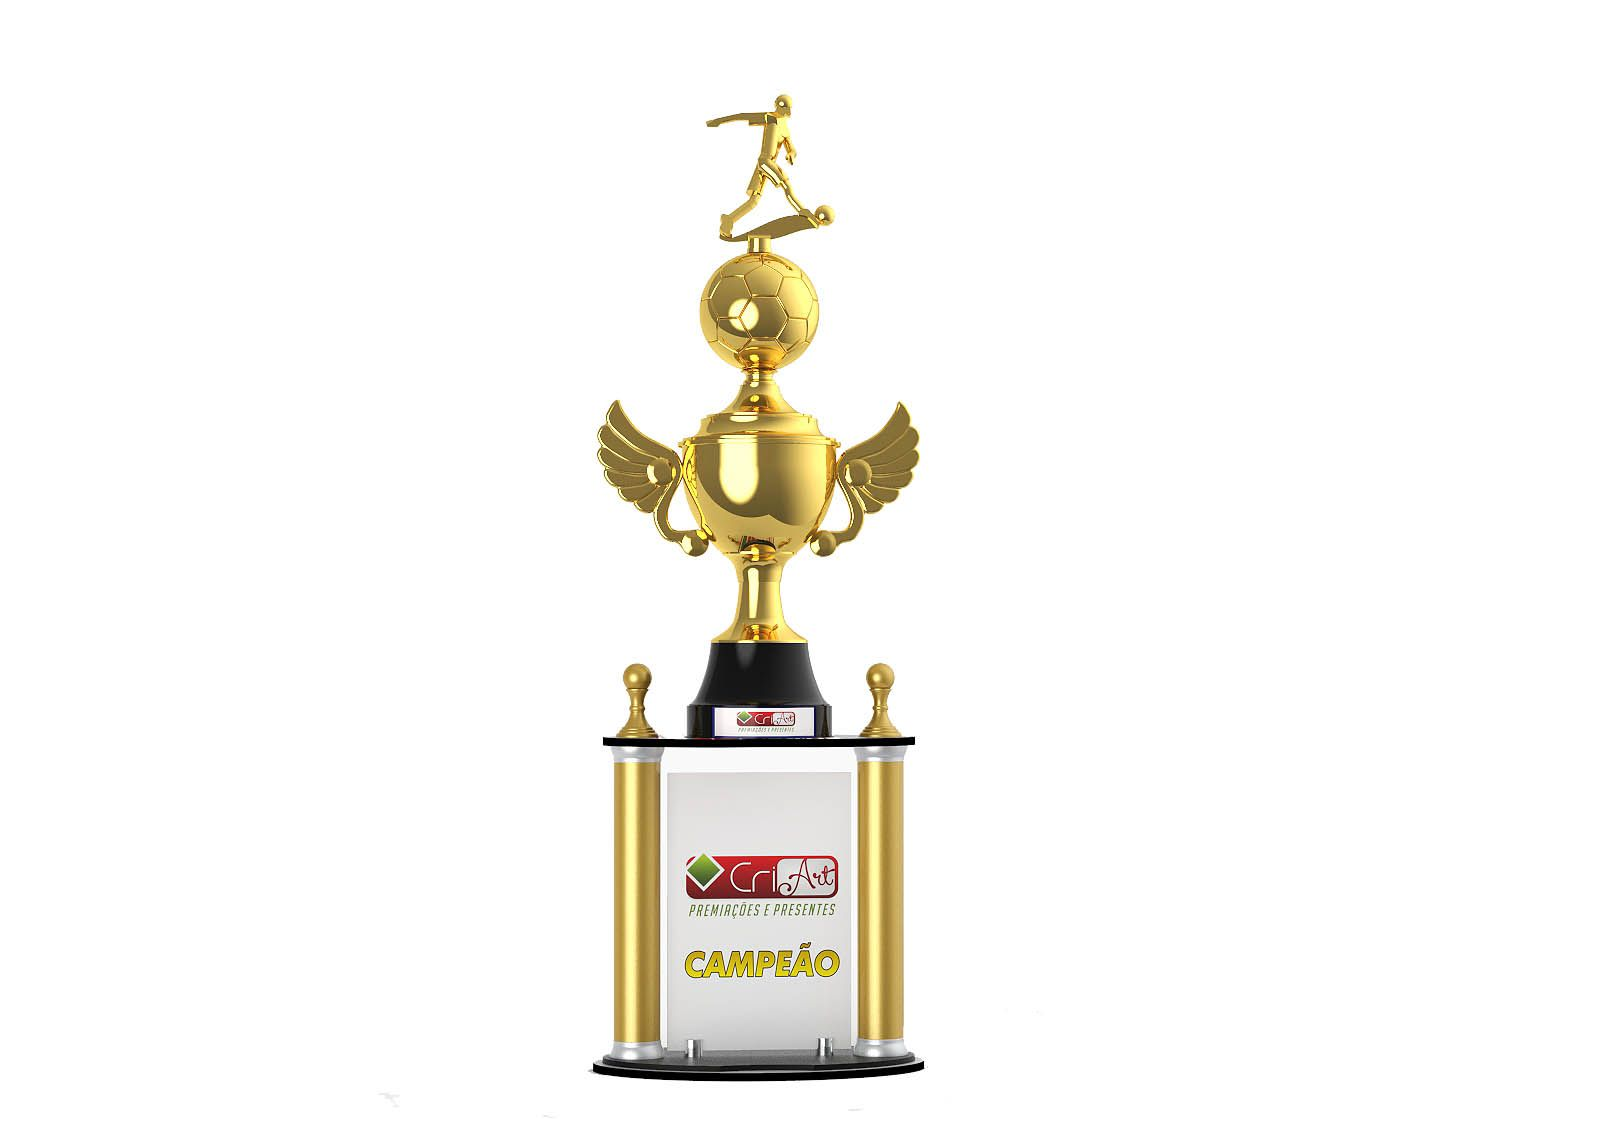 Troféu Personalizado Futebol FUT4200 101,0 / 96,0 / 91,0cm